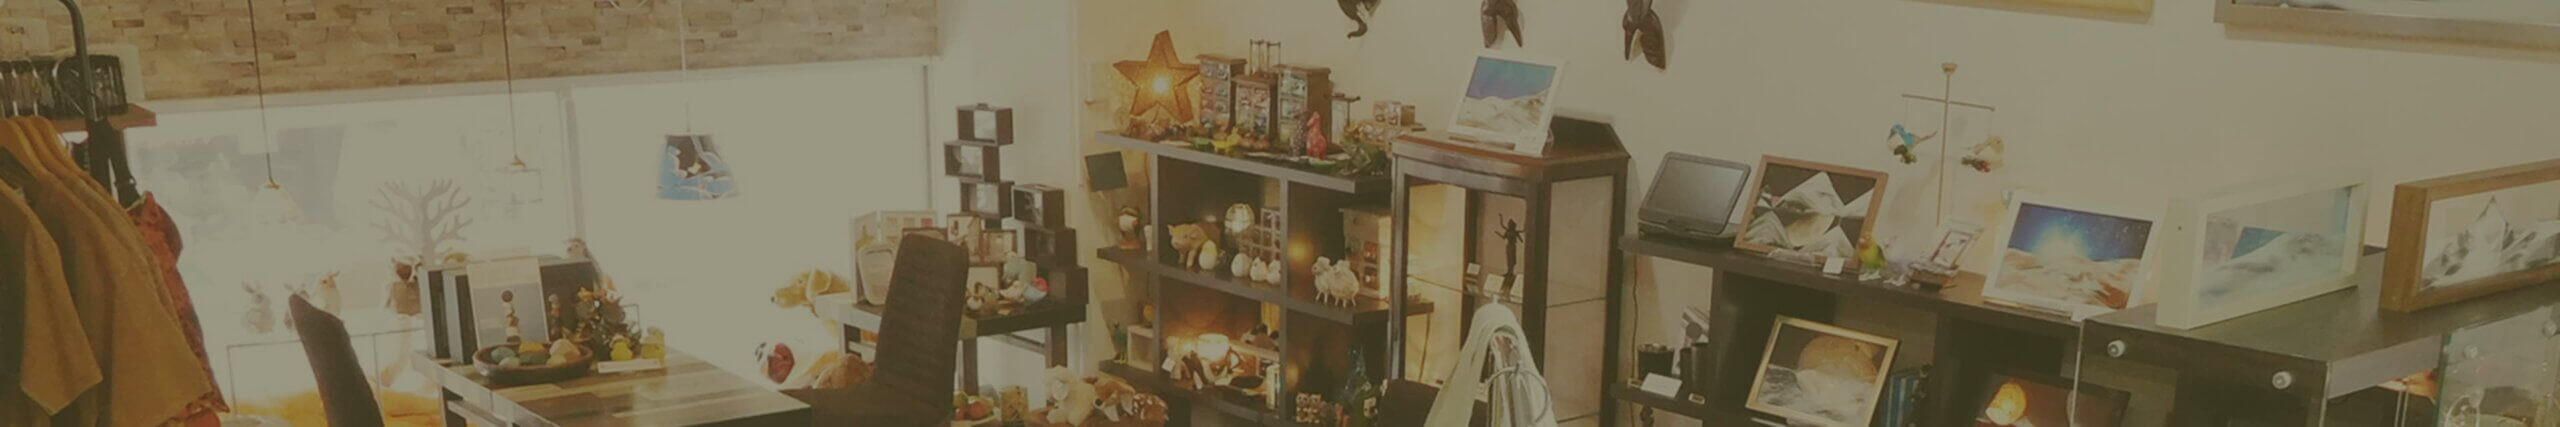 僕の信じる全ての事【第6回】 - 雑貨店Noichi(ノイチ)の運営 | 有限会社溝上企画